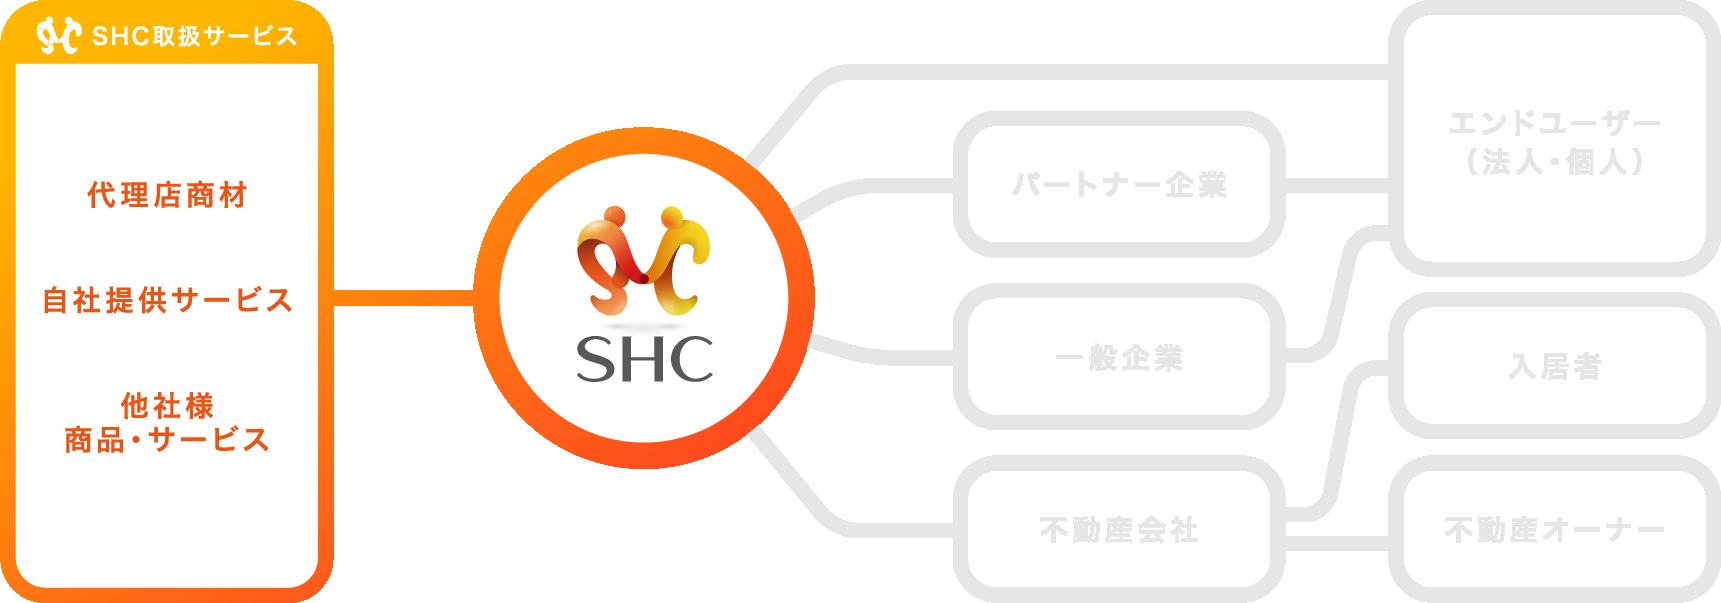 SHC取り扱いサービス